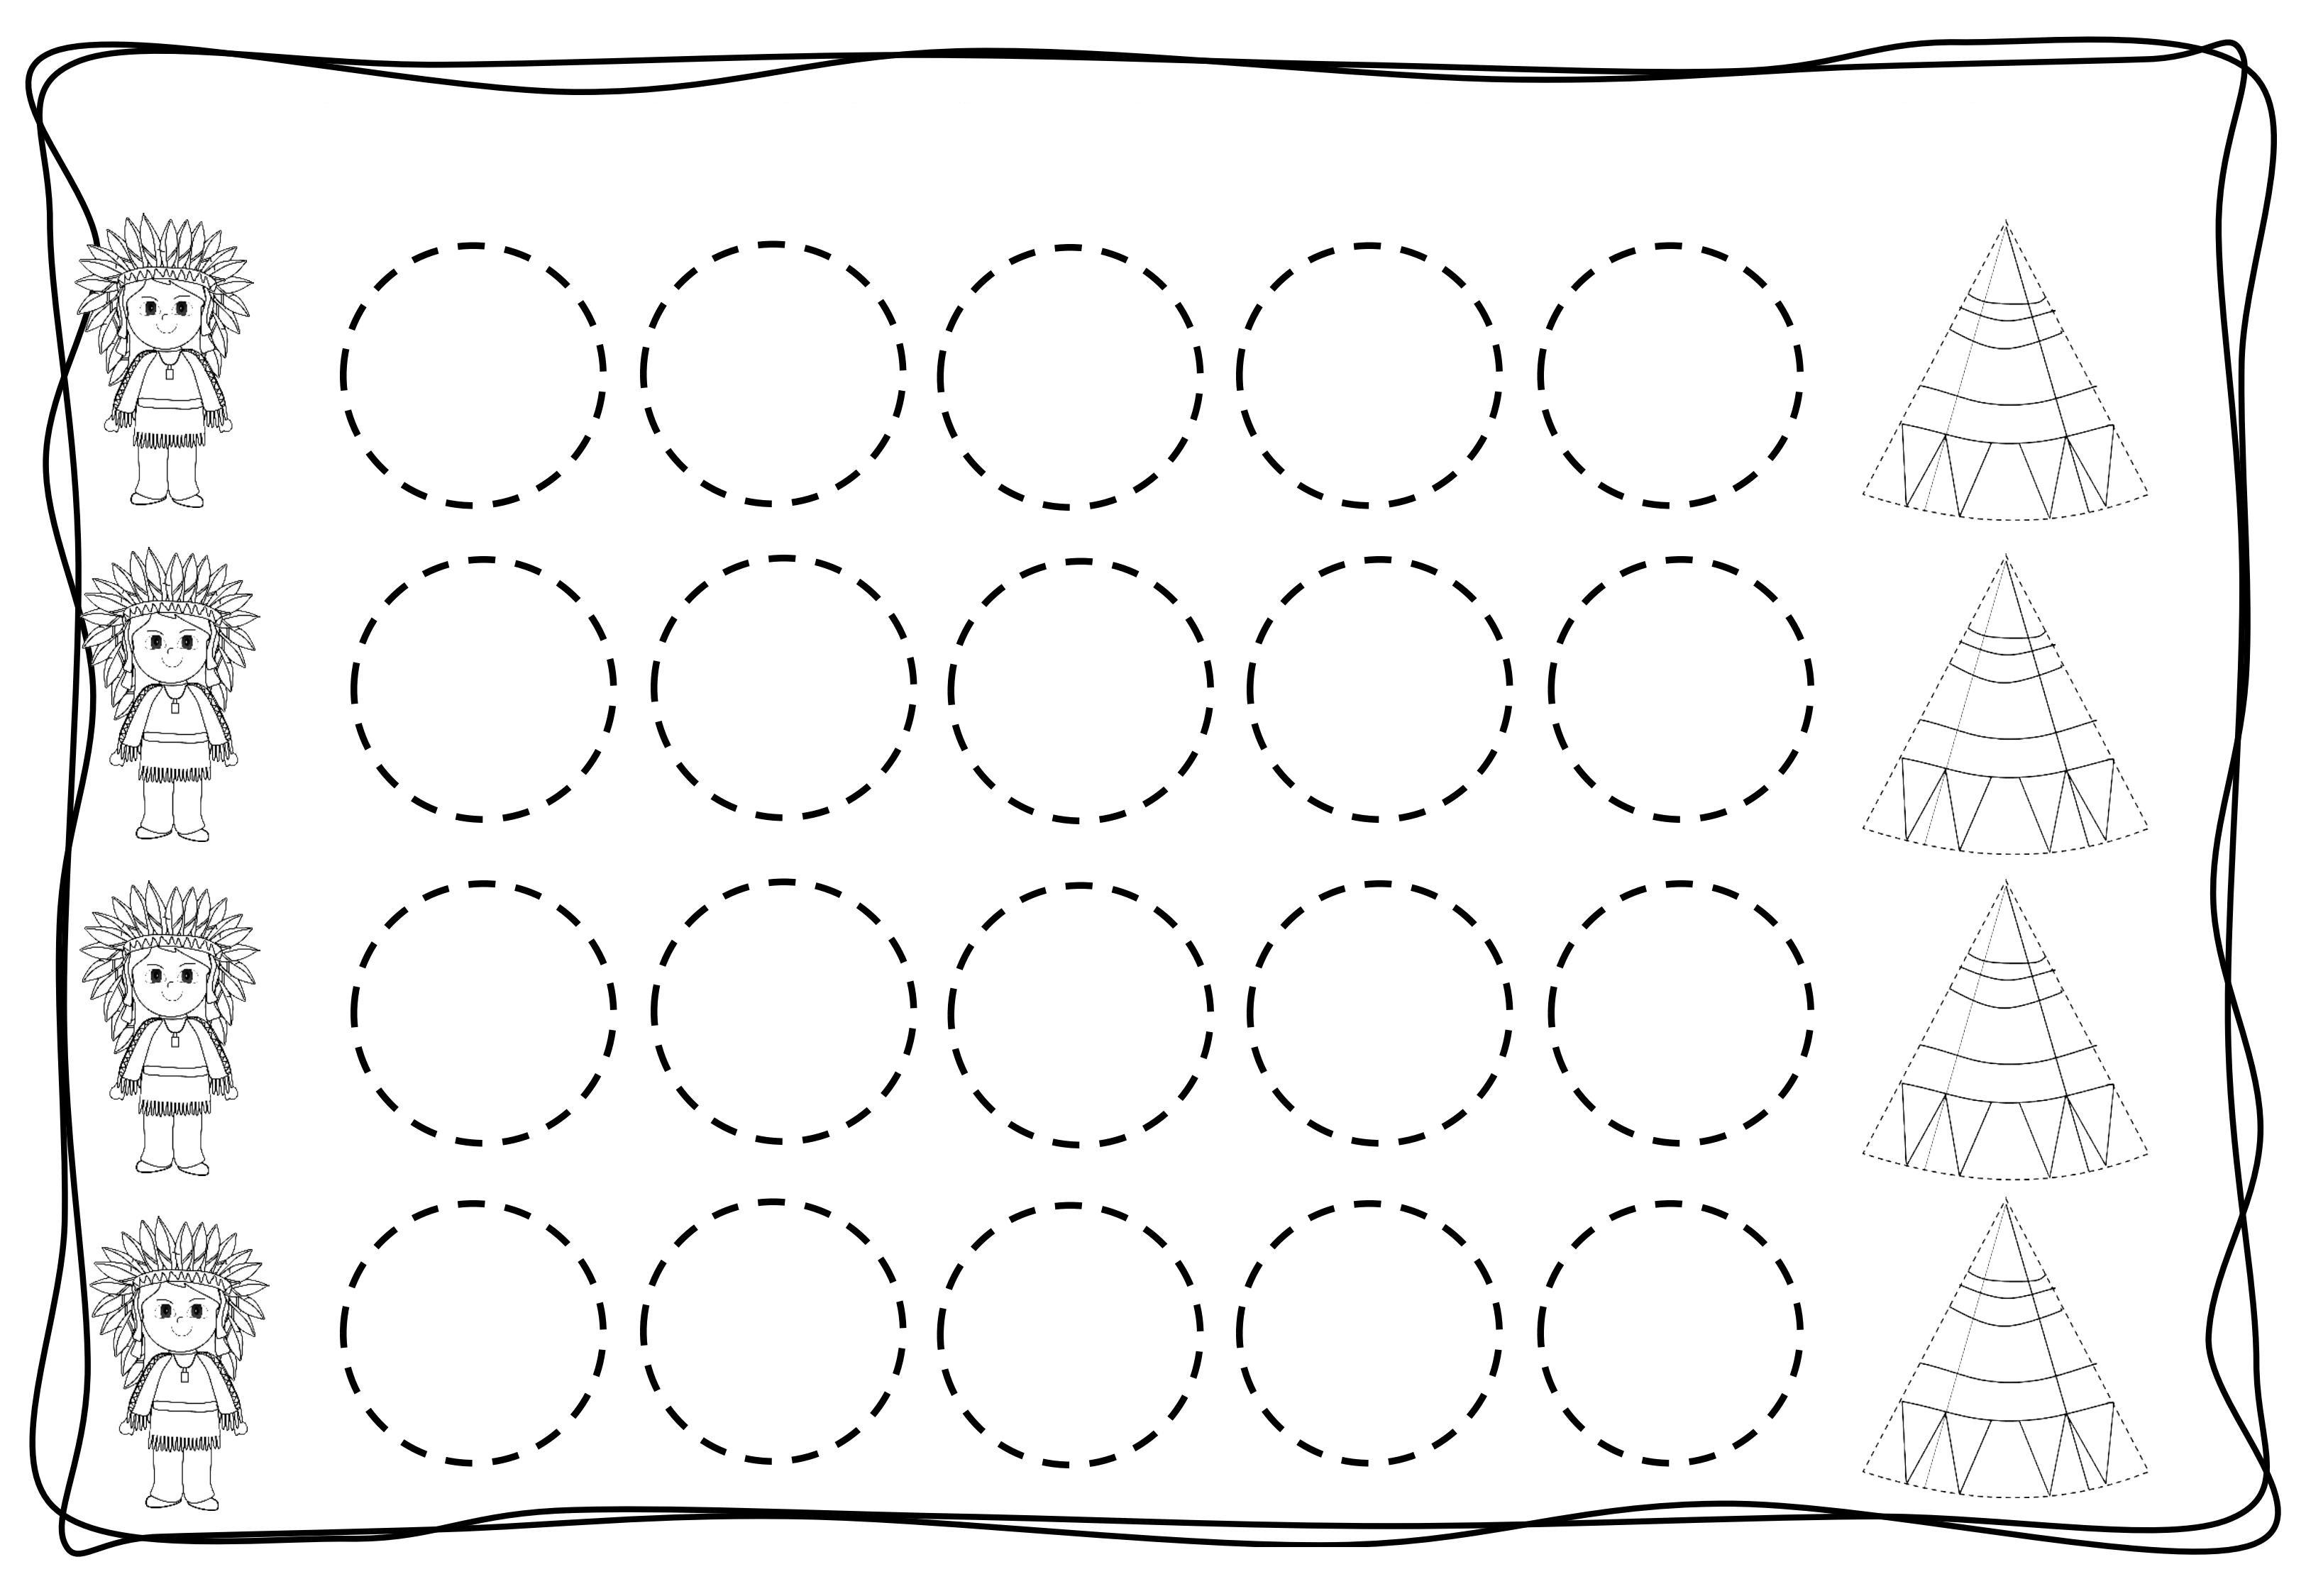 math worksheet : circles tracing worksheets for kids 9 « funnycrafts : Printing Worksheets For Kindergarten